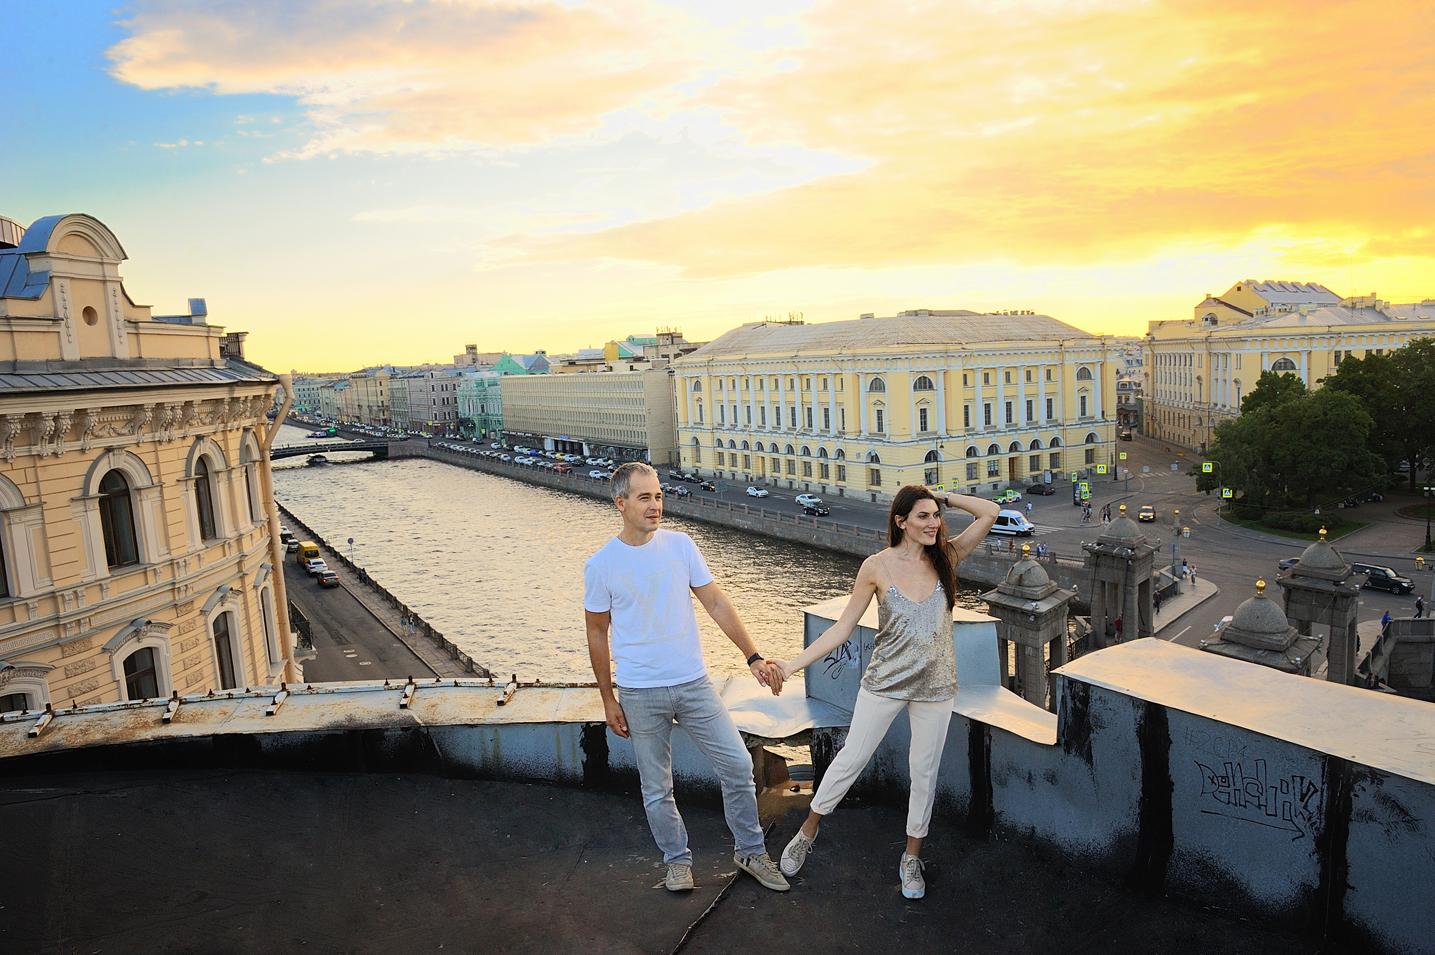 Фотосессия для влюбленной пары в Питере